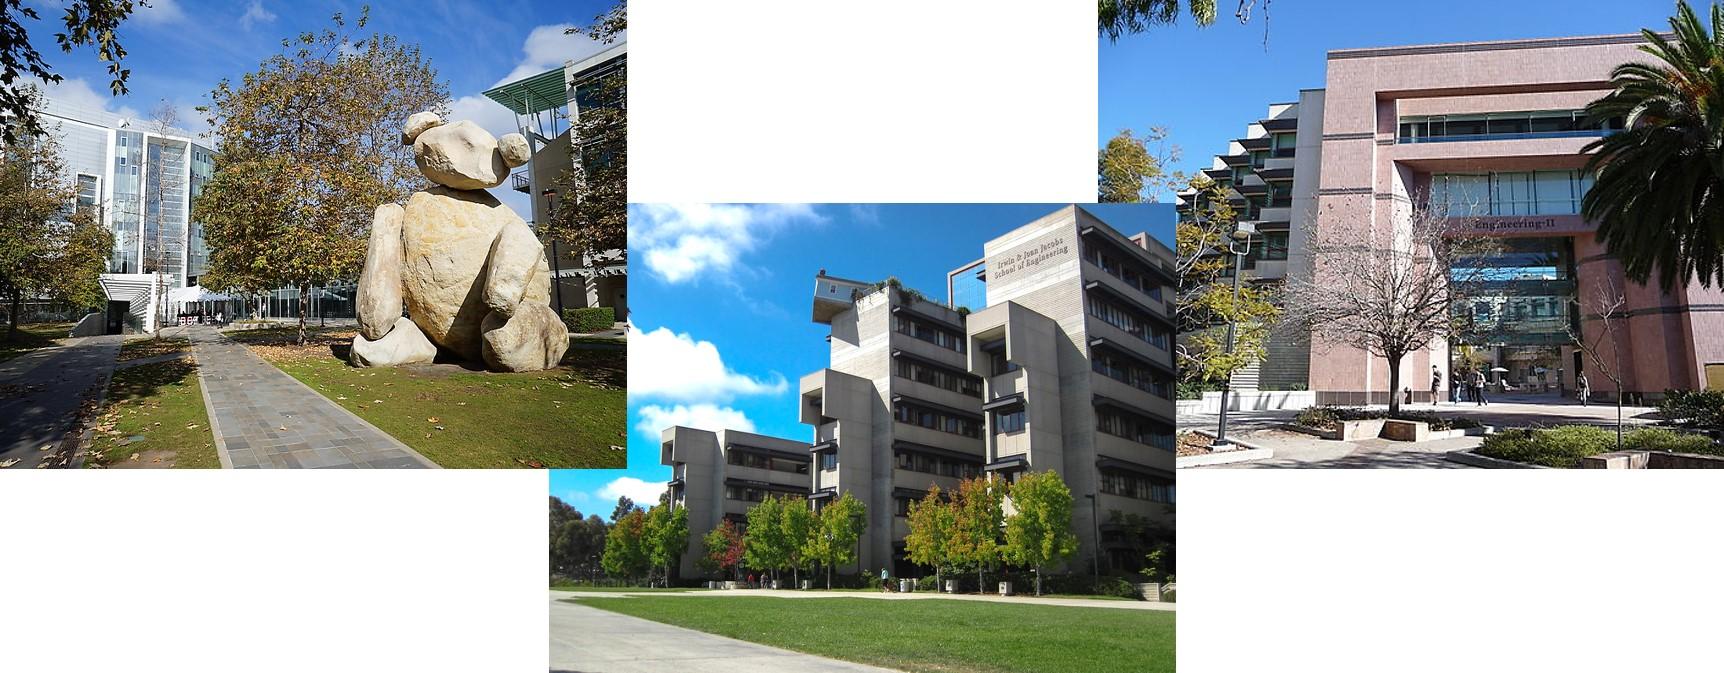 Jacobs School of Engineering Buildings